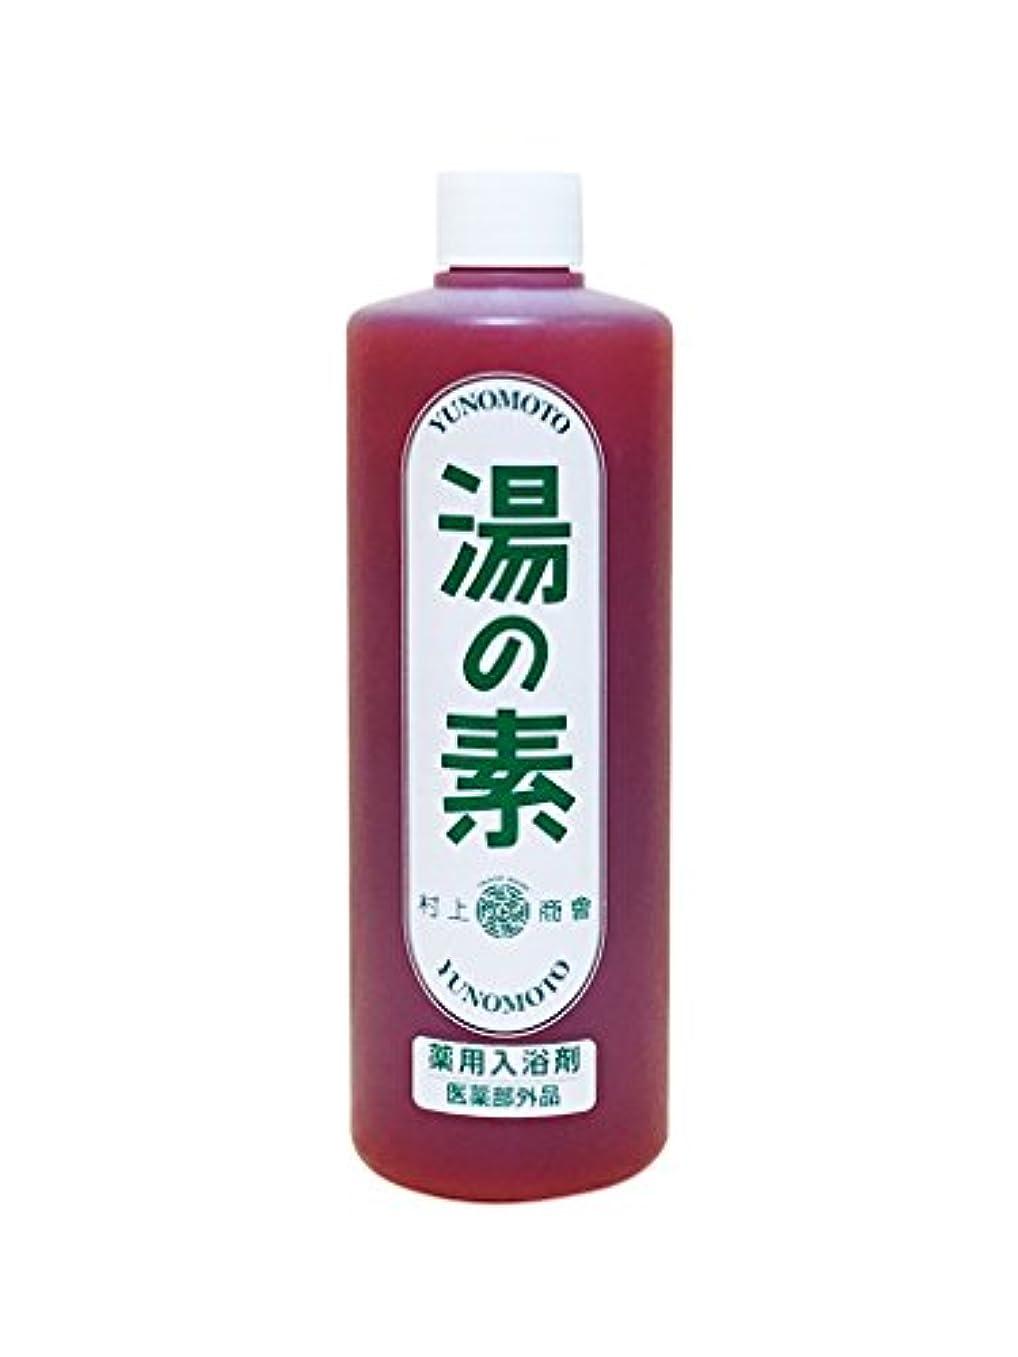 夜クレデンシャルコスチューム硫黄乳白色湯 湯の素 薬用入浴剤 (医薬部外品) 490g